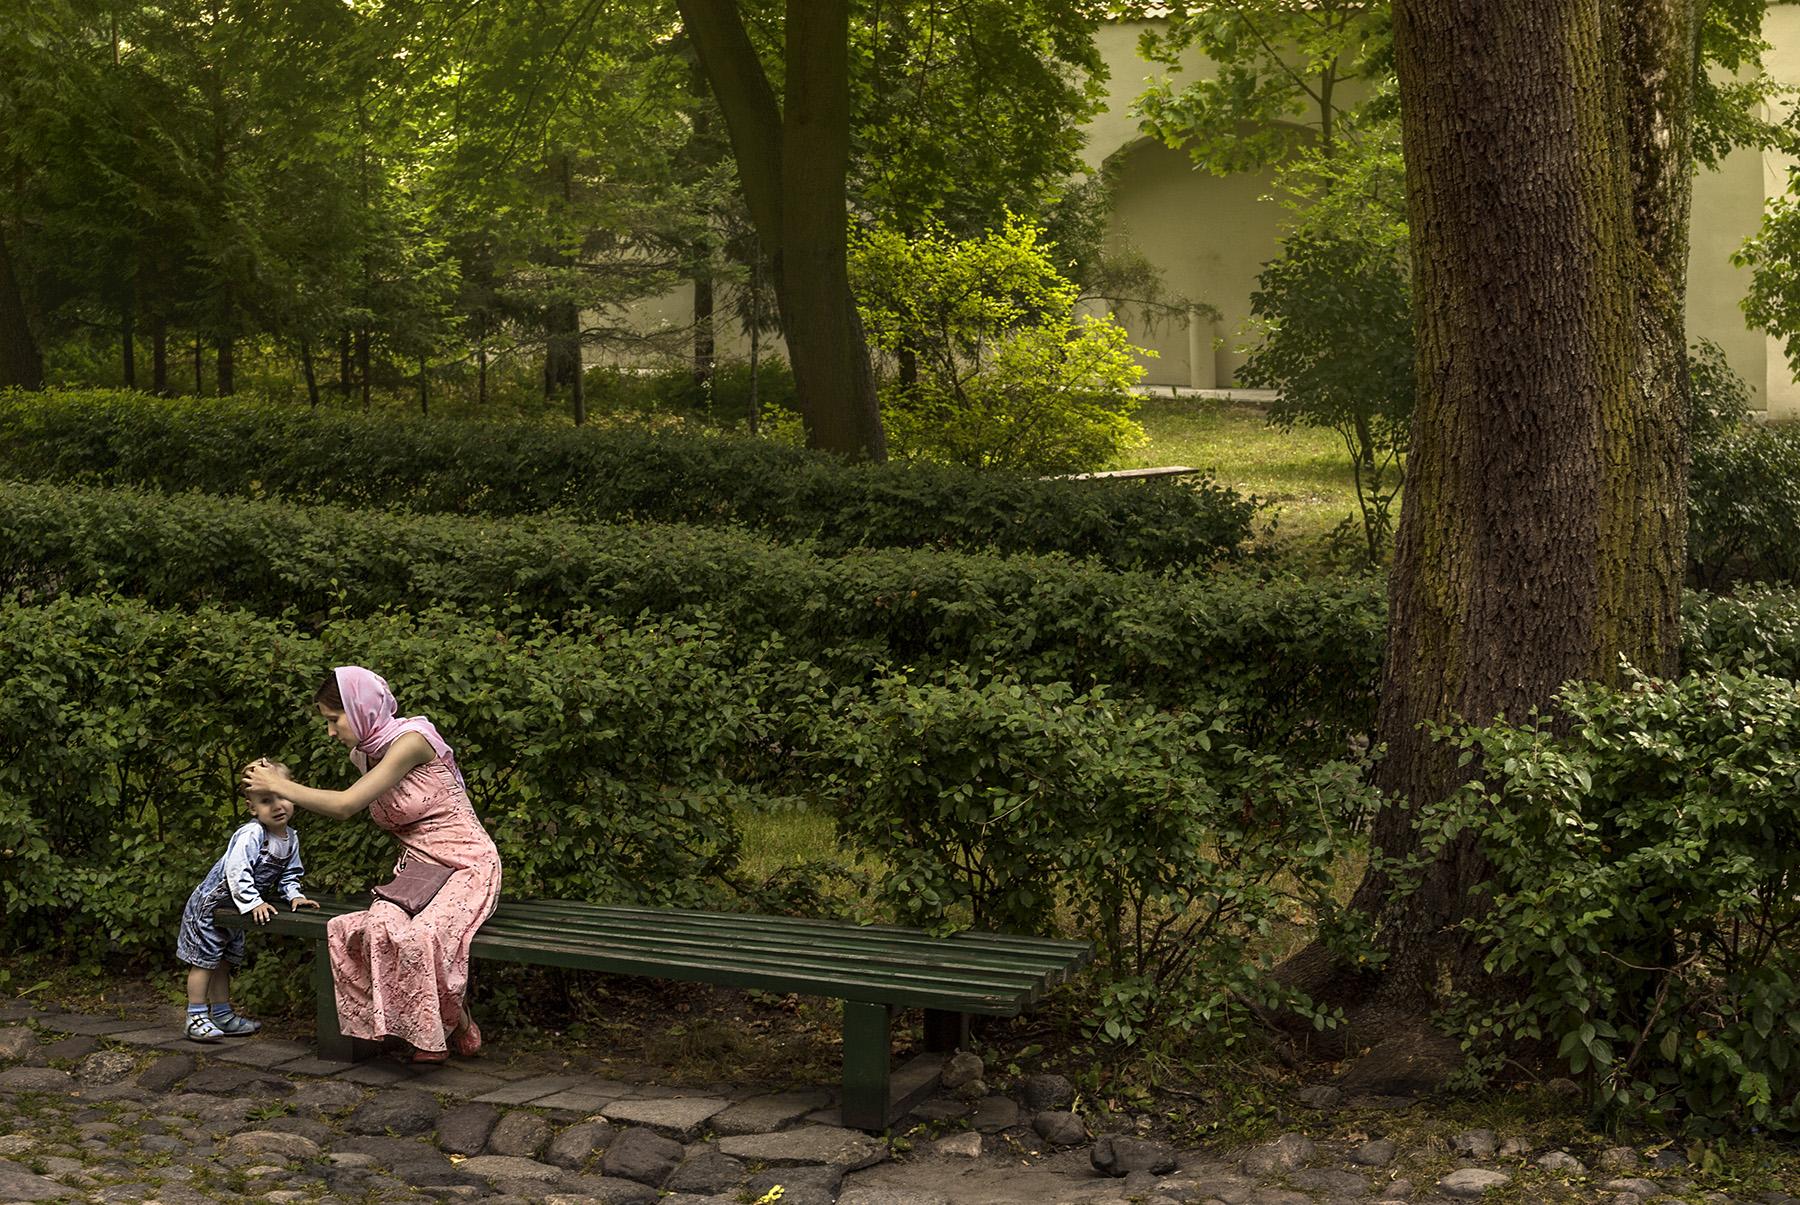 The enchanted garden (Vilnus, Lituania)